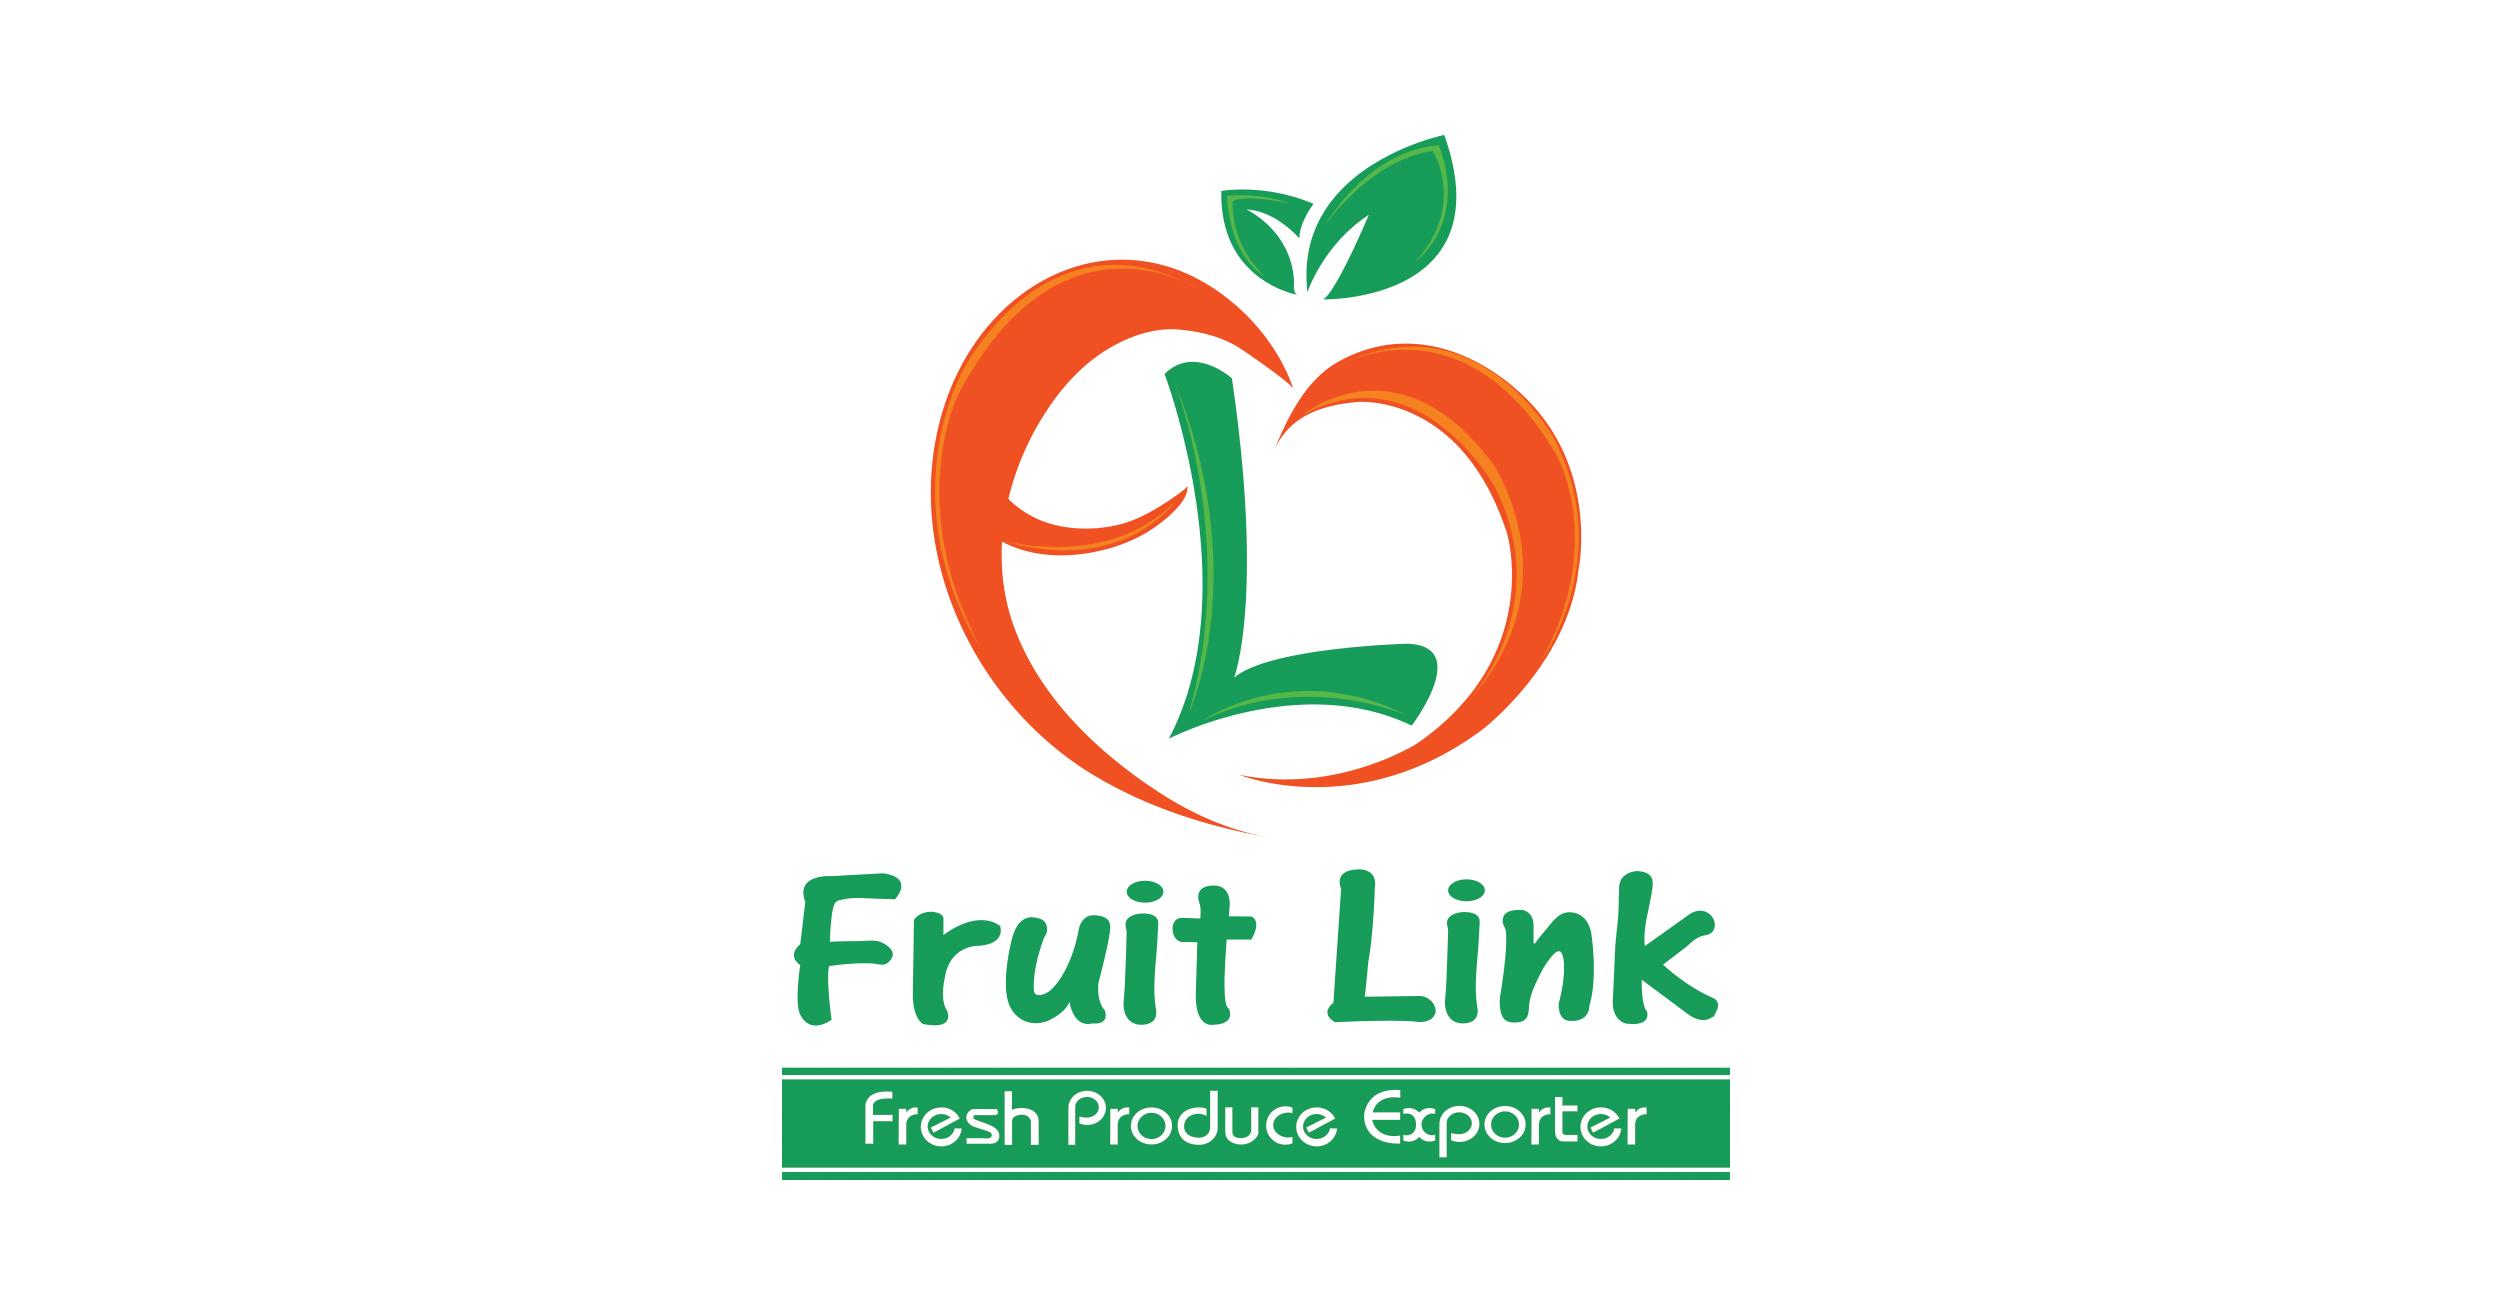 Fruit link 3 - Fruit Link 3